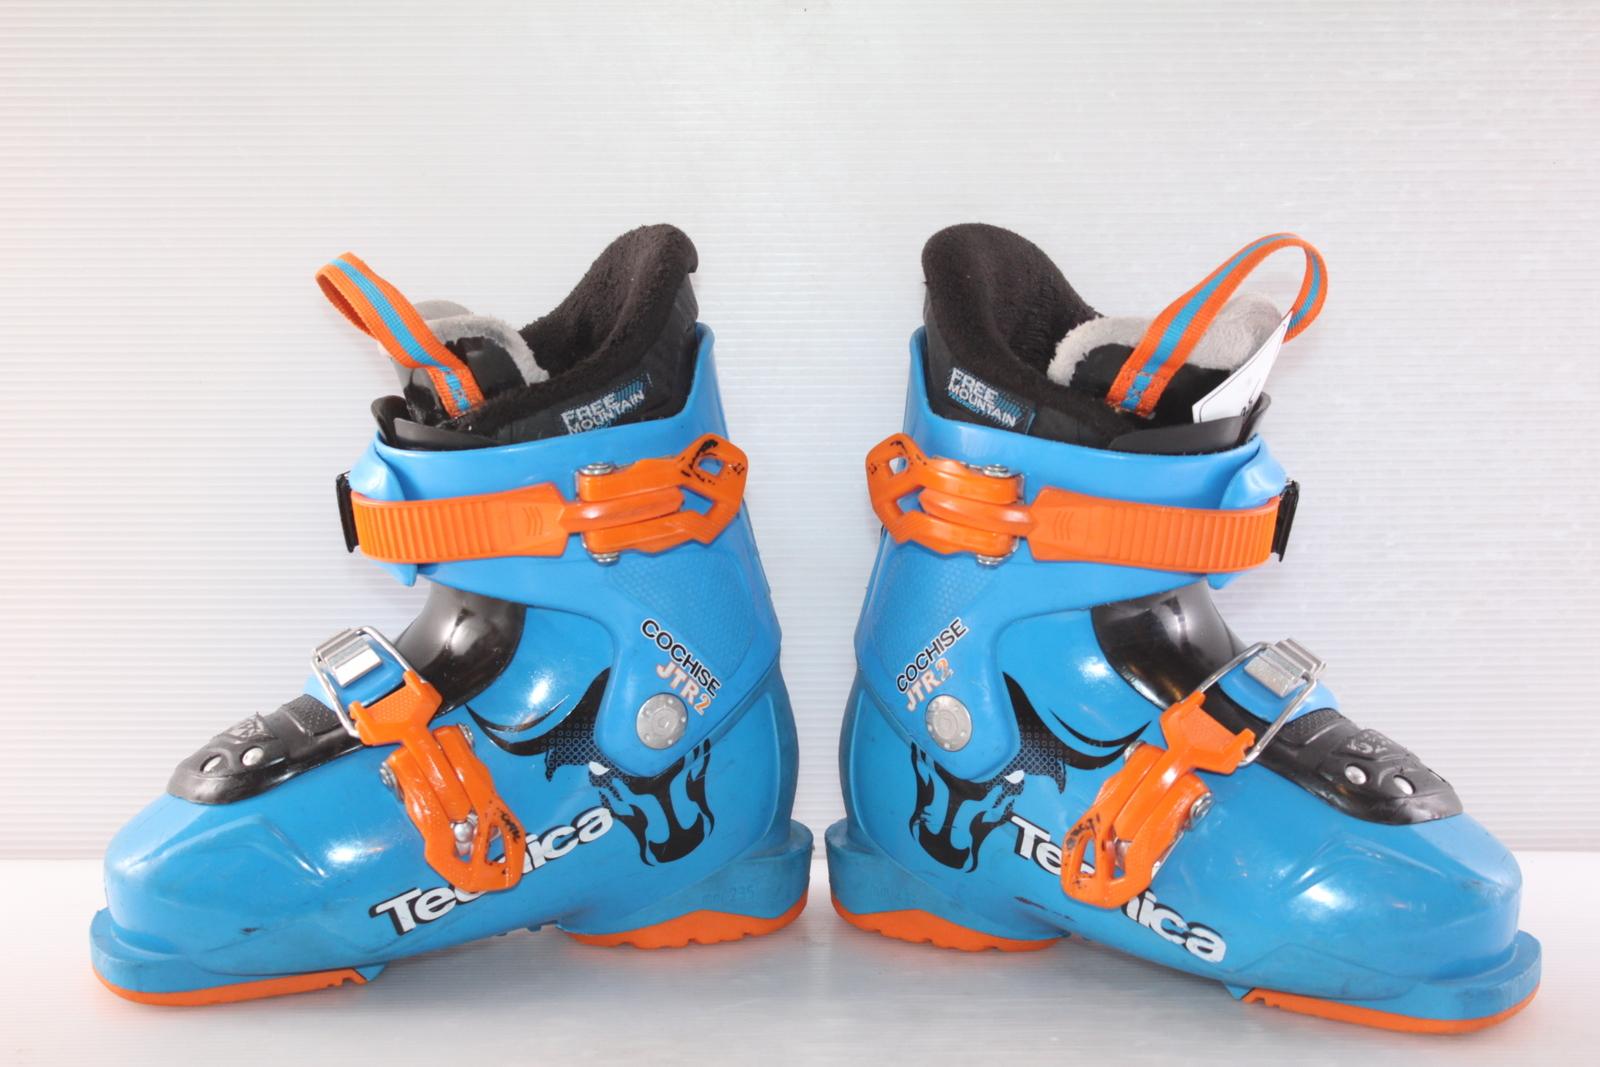 Dětské lyžáky Tecnica Cochise JT 2 R vel. EU30.5